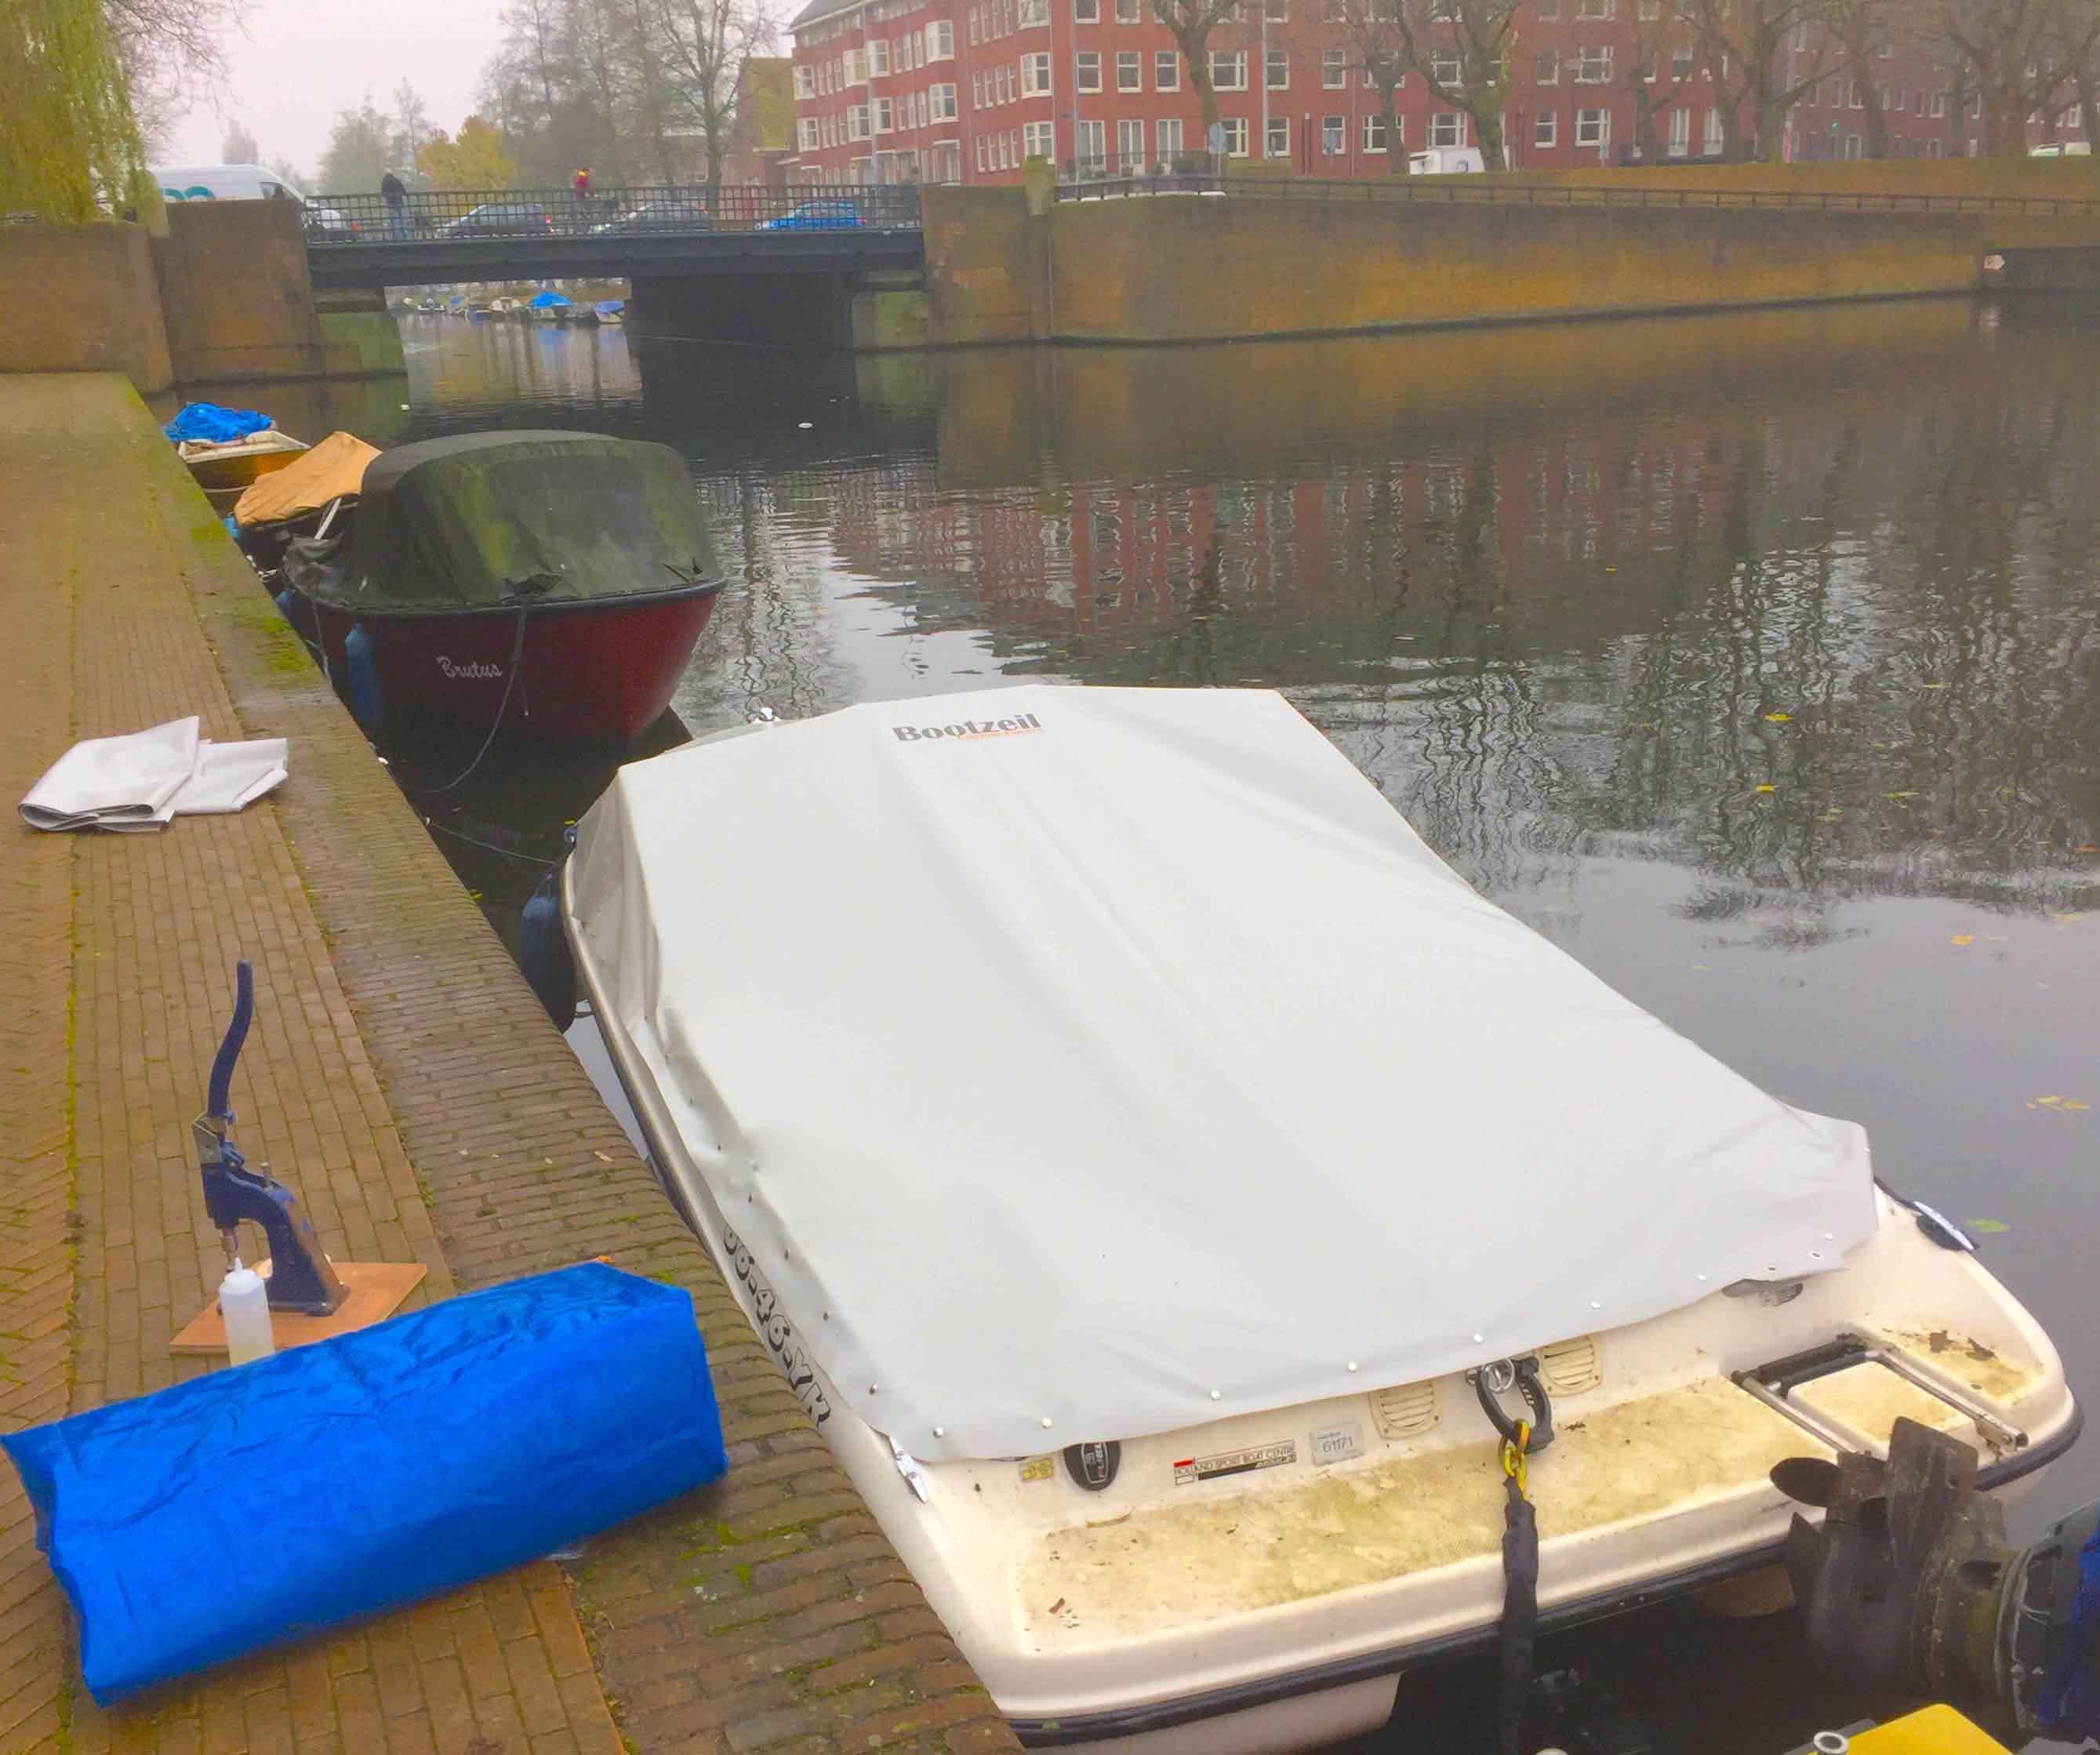 kuipzeil speedboot drukkers